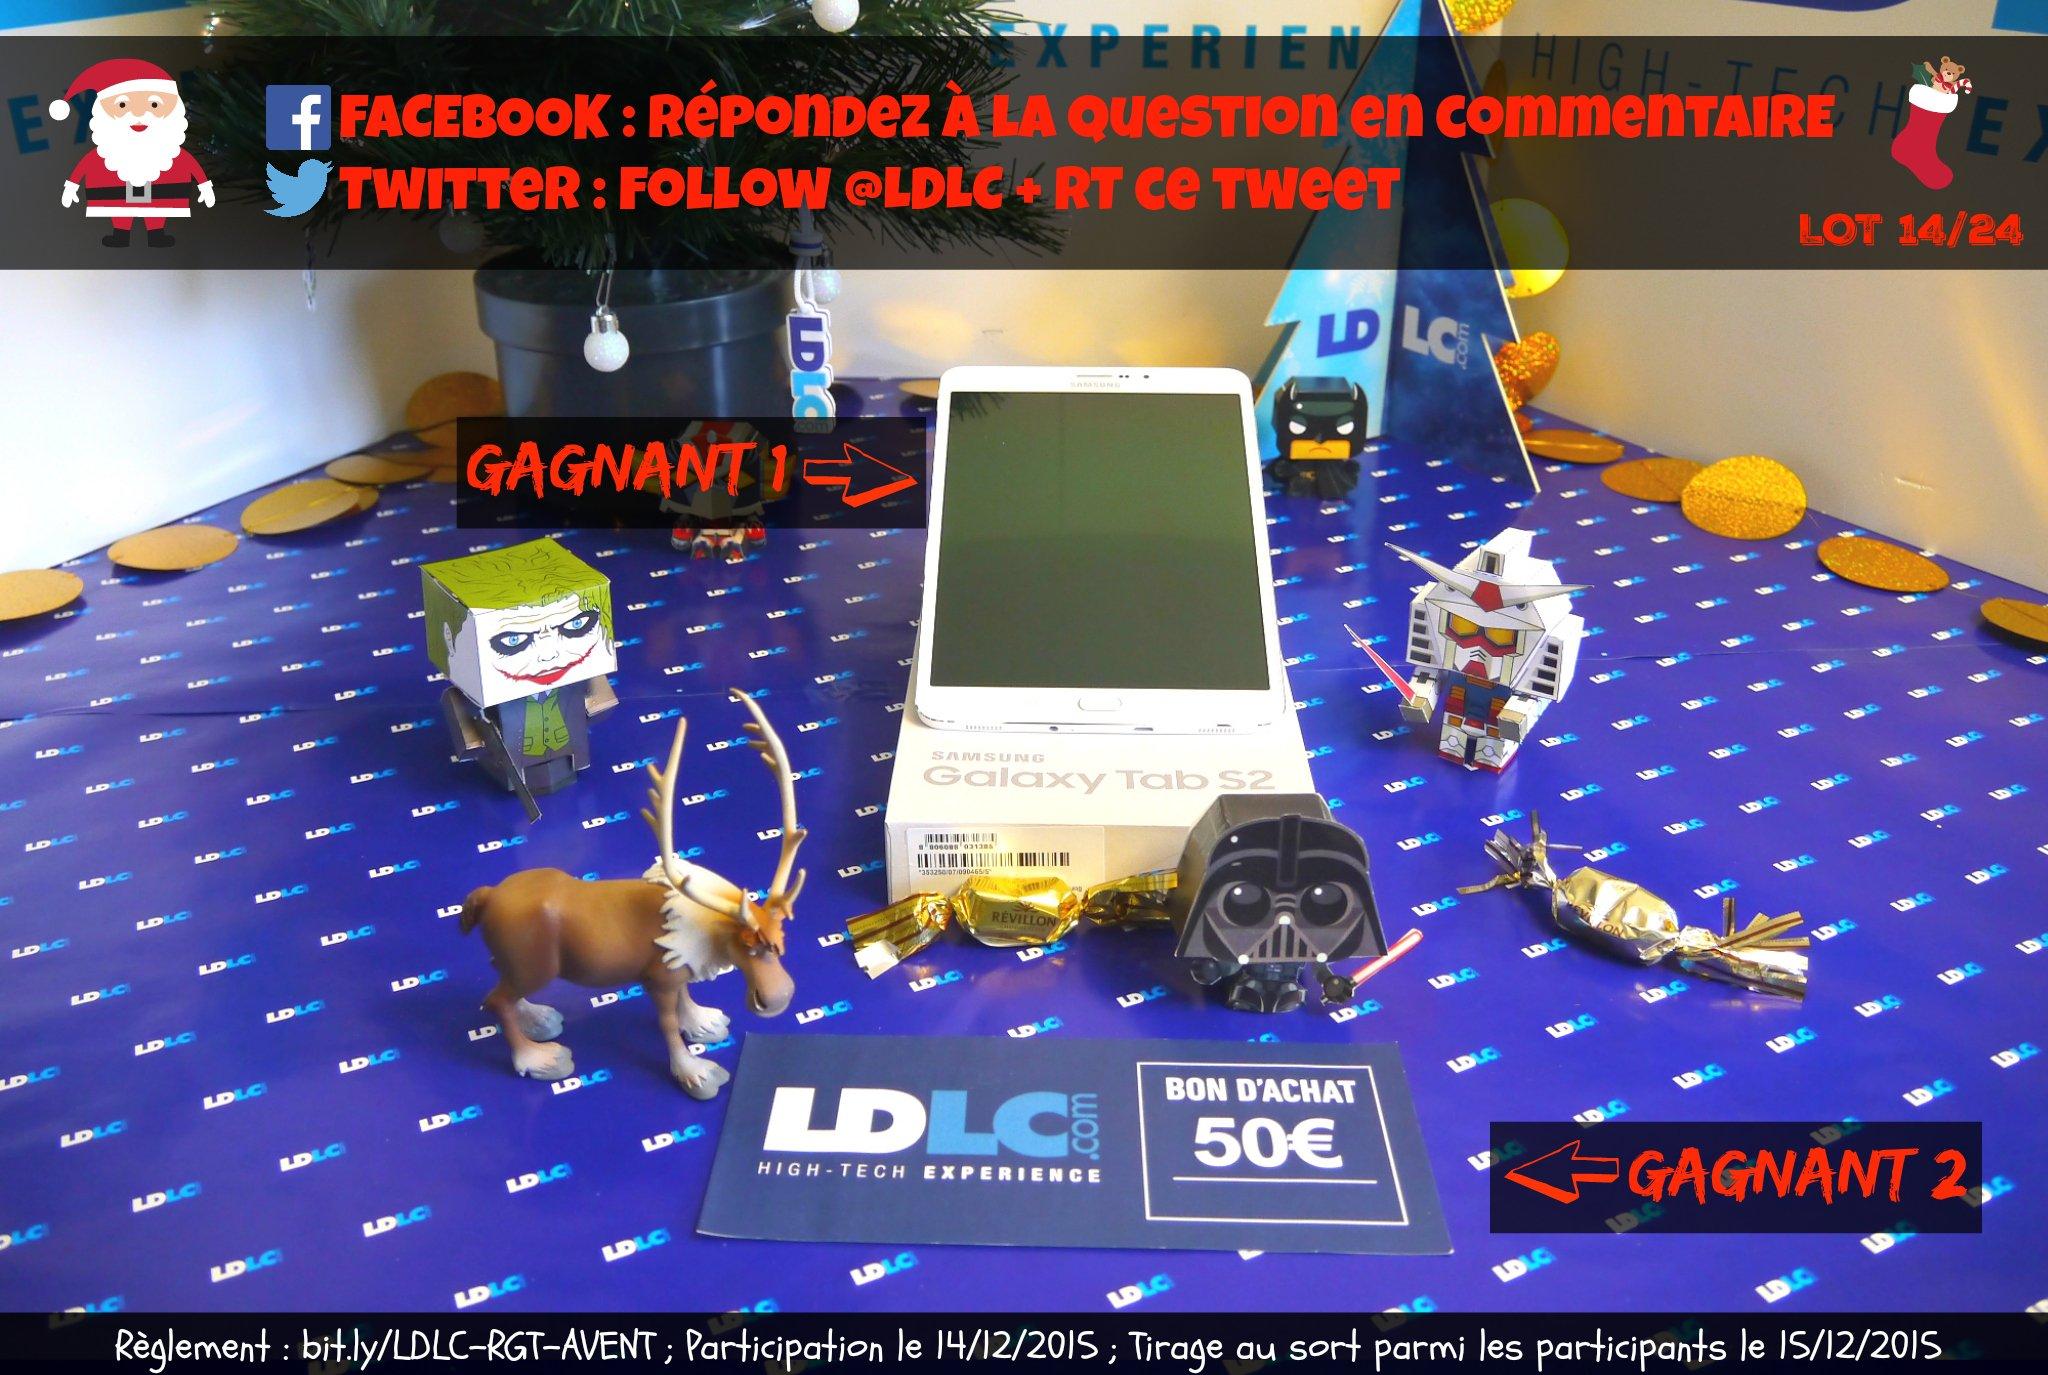 #TraineauLDLC �� Calendrier de l'Avent [14/24] À gagner : 1 tablette Galaxy Tab S2 8' �� https://t.co/aqcWn8ShuO https://t.co/DCQmfnf543